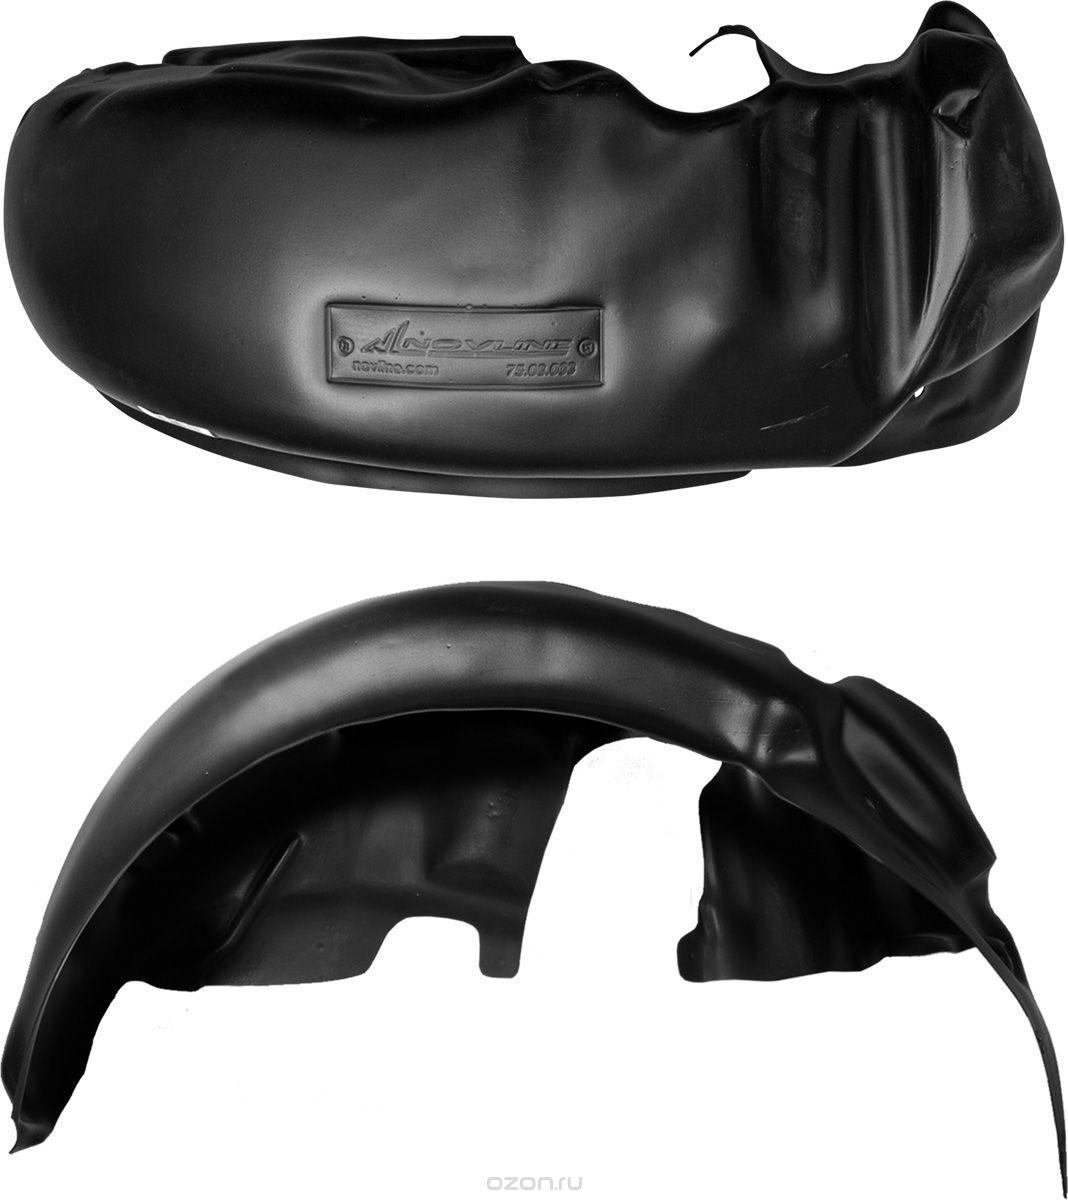 Подкрылок Novline-Autofamily, для Chevrolet Aveo хэтчбек, 2012->, задний правыйNLL.08.16.004Идеальная защита колесной ниши. Локеры разработаны с применением цифровых технологий, гарантируют максимальную повторяемость поверхности арки. Изделия устанавливаются без нарушения лакокрасочного покрытия автомобиля, каждый подкрылок комплектуется крепежом. Уважаемые клиенты, обращаем ваше внимание, что фотографии на подкрылки универсальные и не отражают реальную форму изделия. При этом само изделие идет точно под размер указанного автомобиля.